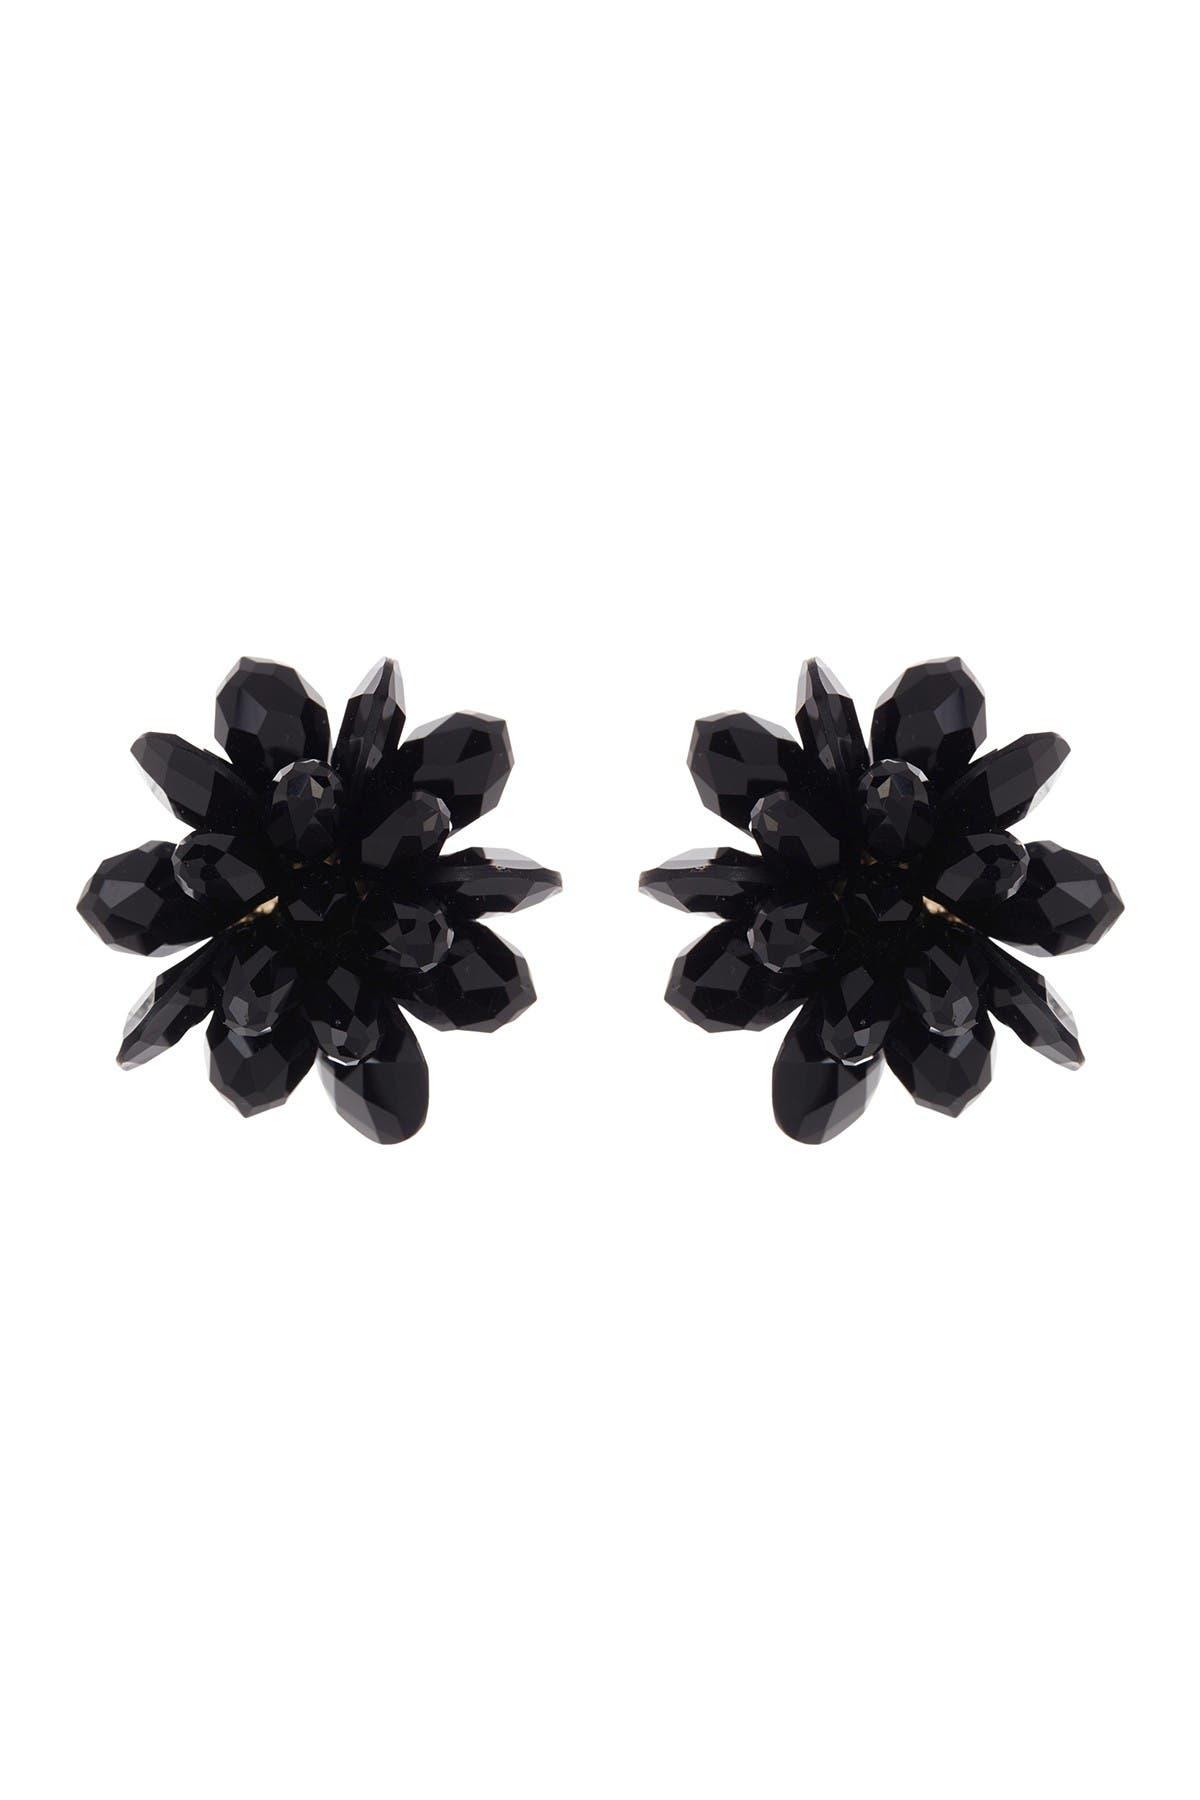 Image of kate spade new york flower crystal stud earrings